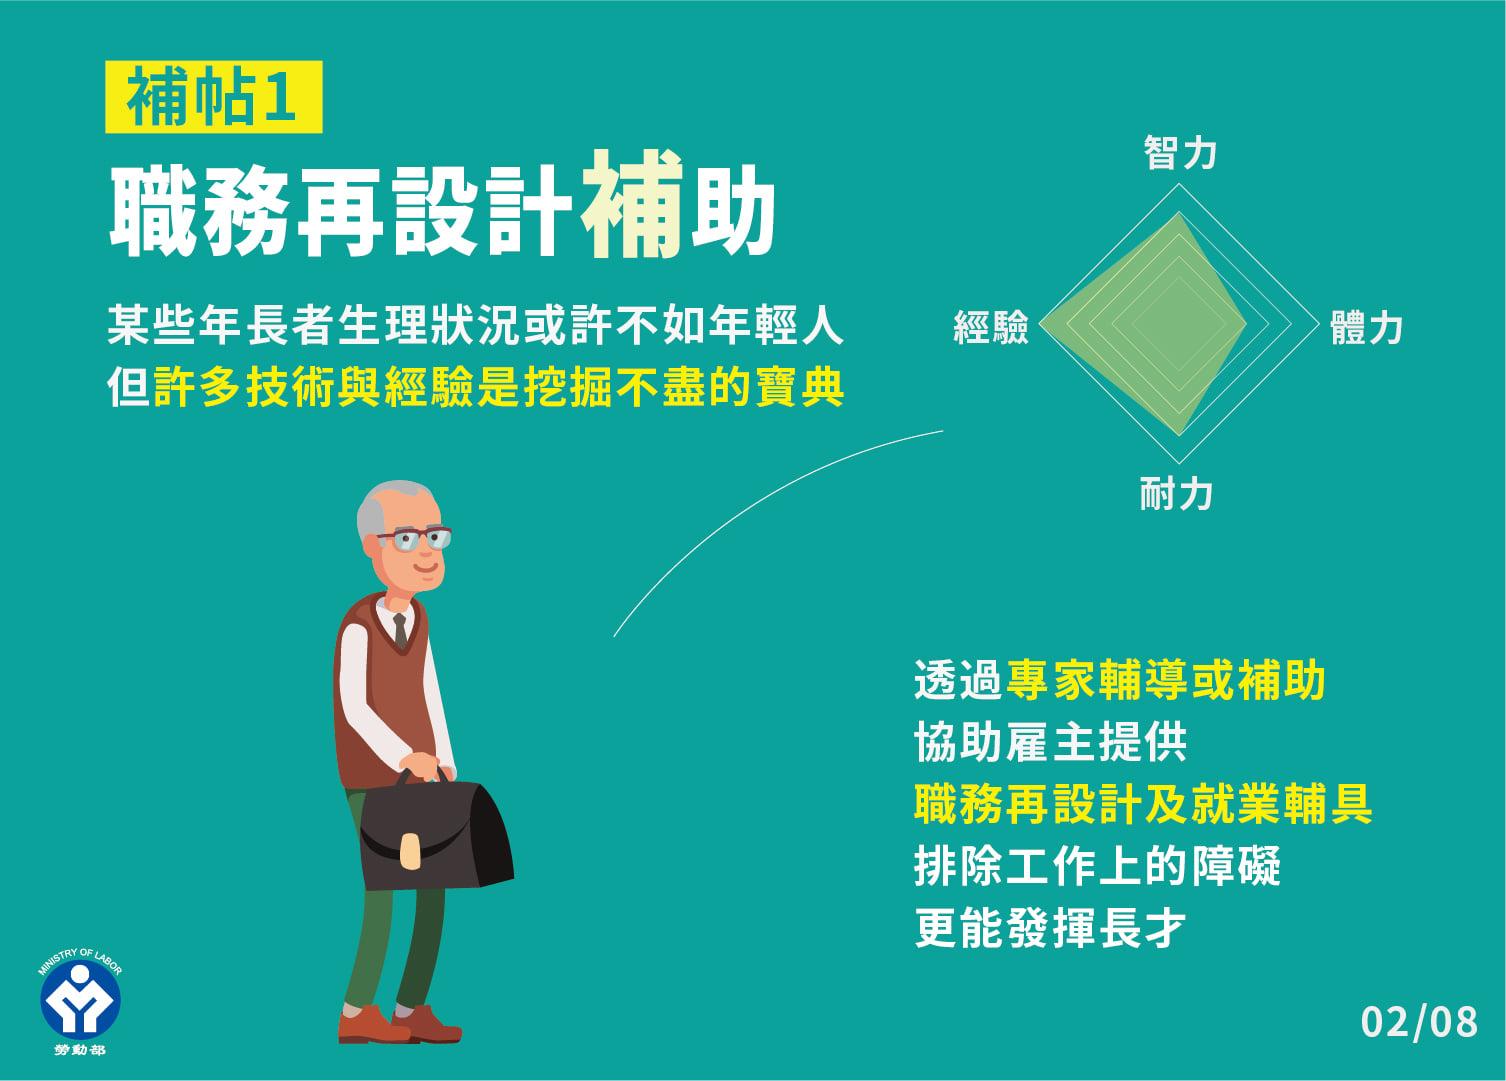 促進中高齡及高齡者就業的五個大[補]帖!|勞動部-HR